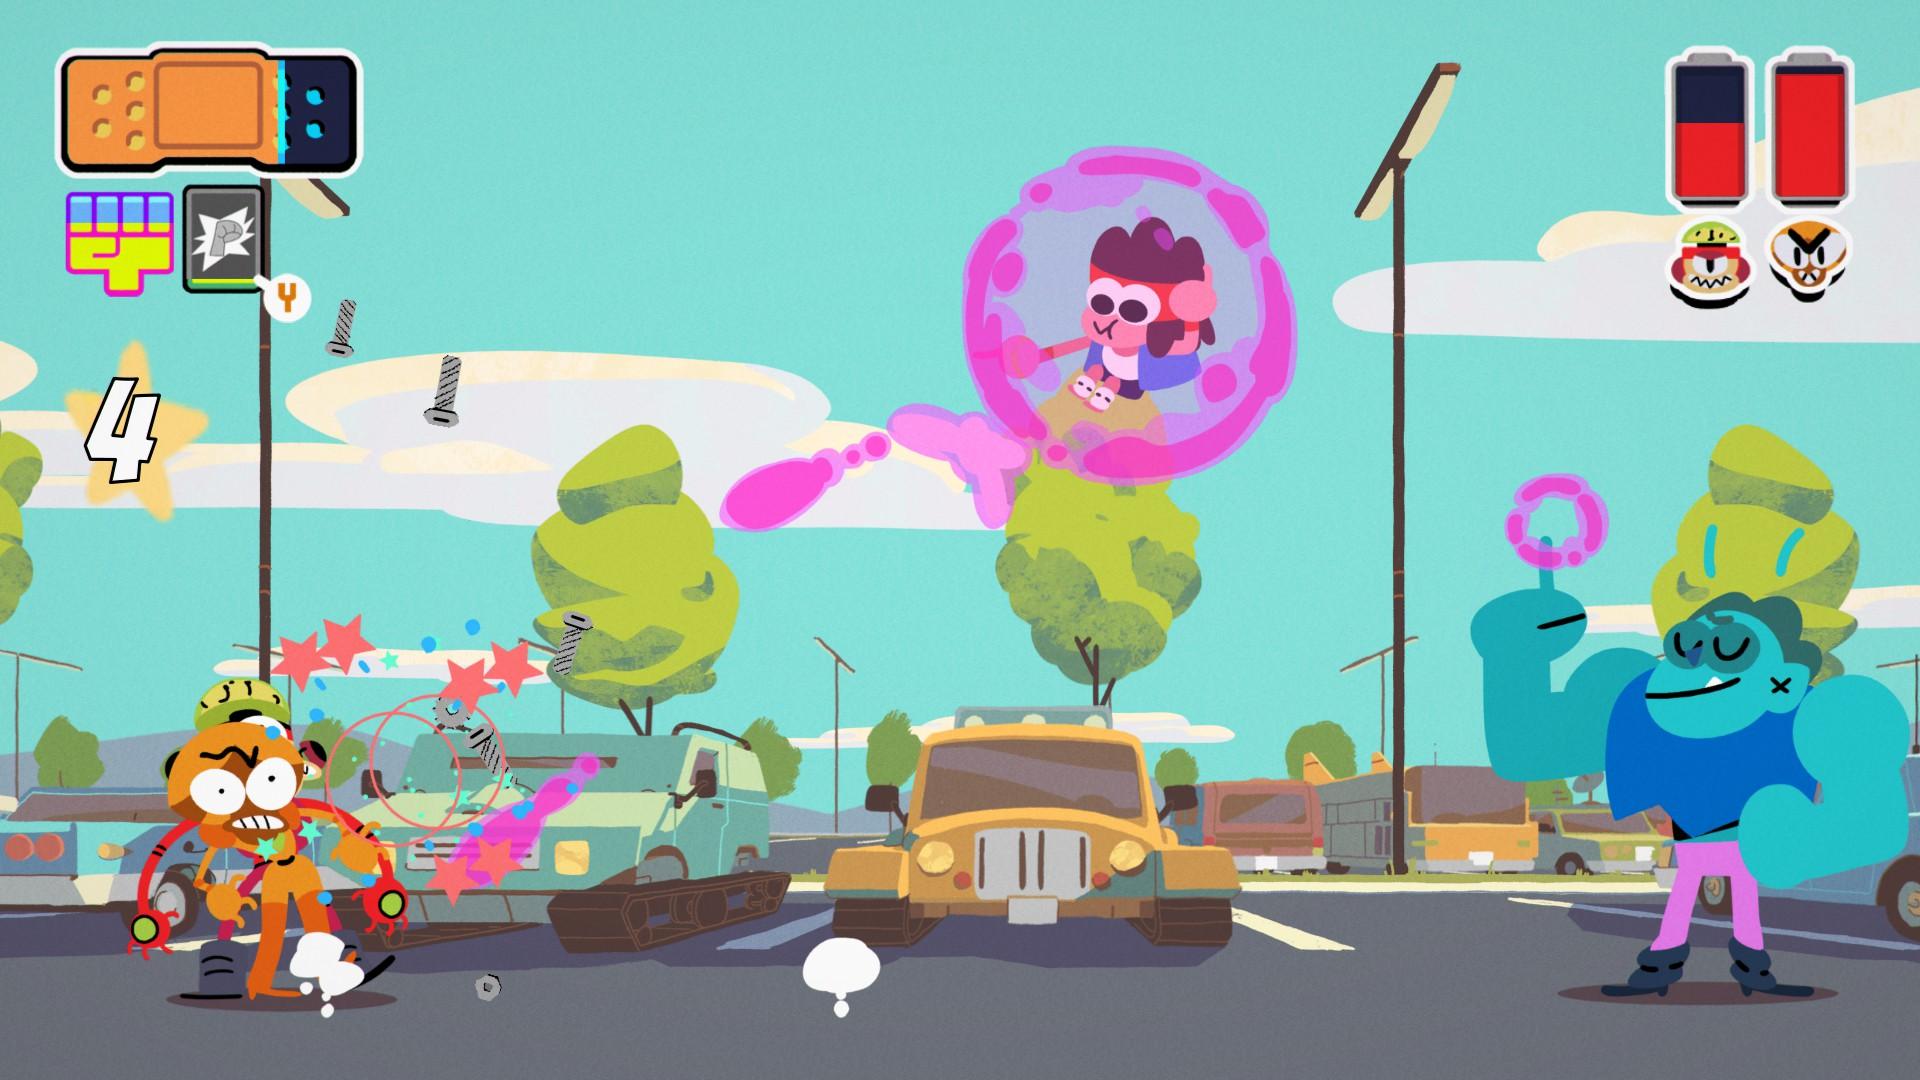 《OK K.O.!成为英雄吧(OK K.O.! Let's Play Heroes)》是一款由Capybara Games制作Cartoon Network Games发行的动作冒险类游戏,游戏根据同名人气动漫改编,该作拥有十分卡通式的画风,而玩家将扮演可爱的主角小英雄K.O.,他具备猛击、滑踢等丰富性的能力,需要在过程中挑战各种邪恶的机器人,同时还将感受一段精彩有趣的故事,并且值得一提的是大家要注重收集广场人物的卡片,以此来召唤他们来帮助战斗,超高的可玩性莫要错过了!